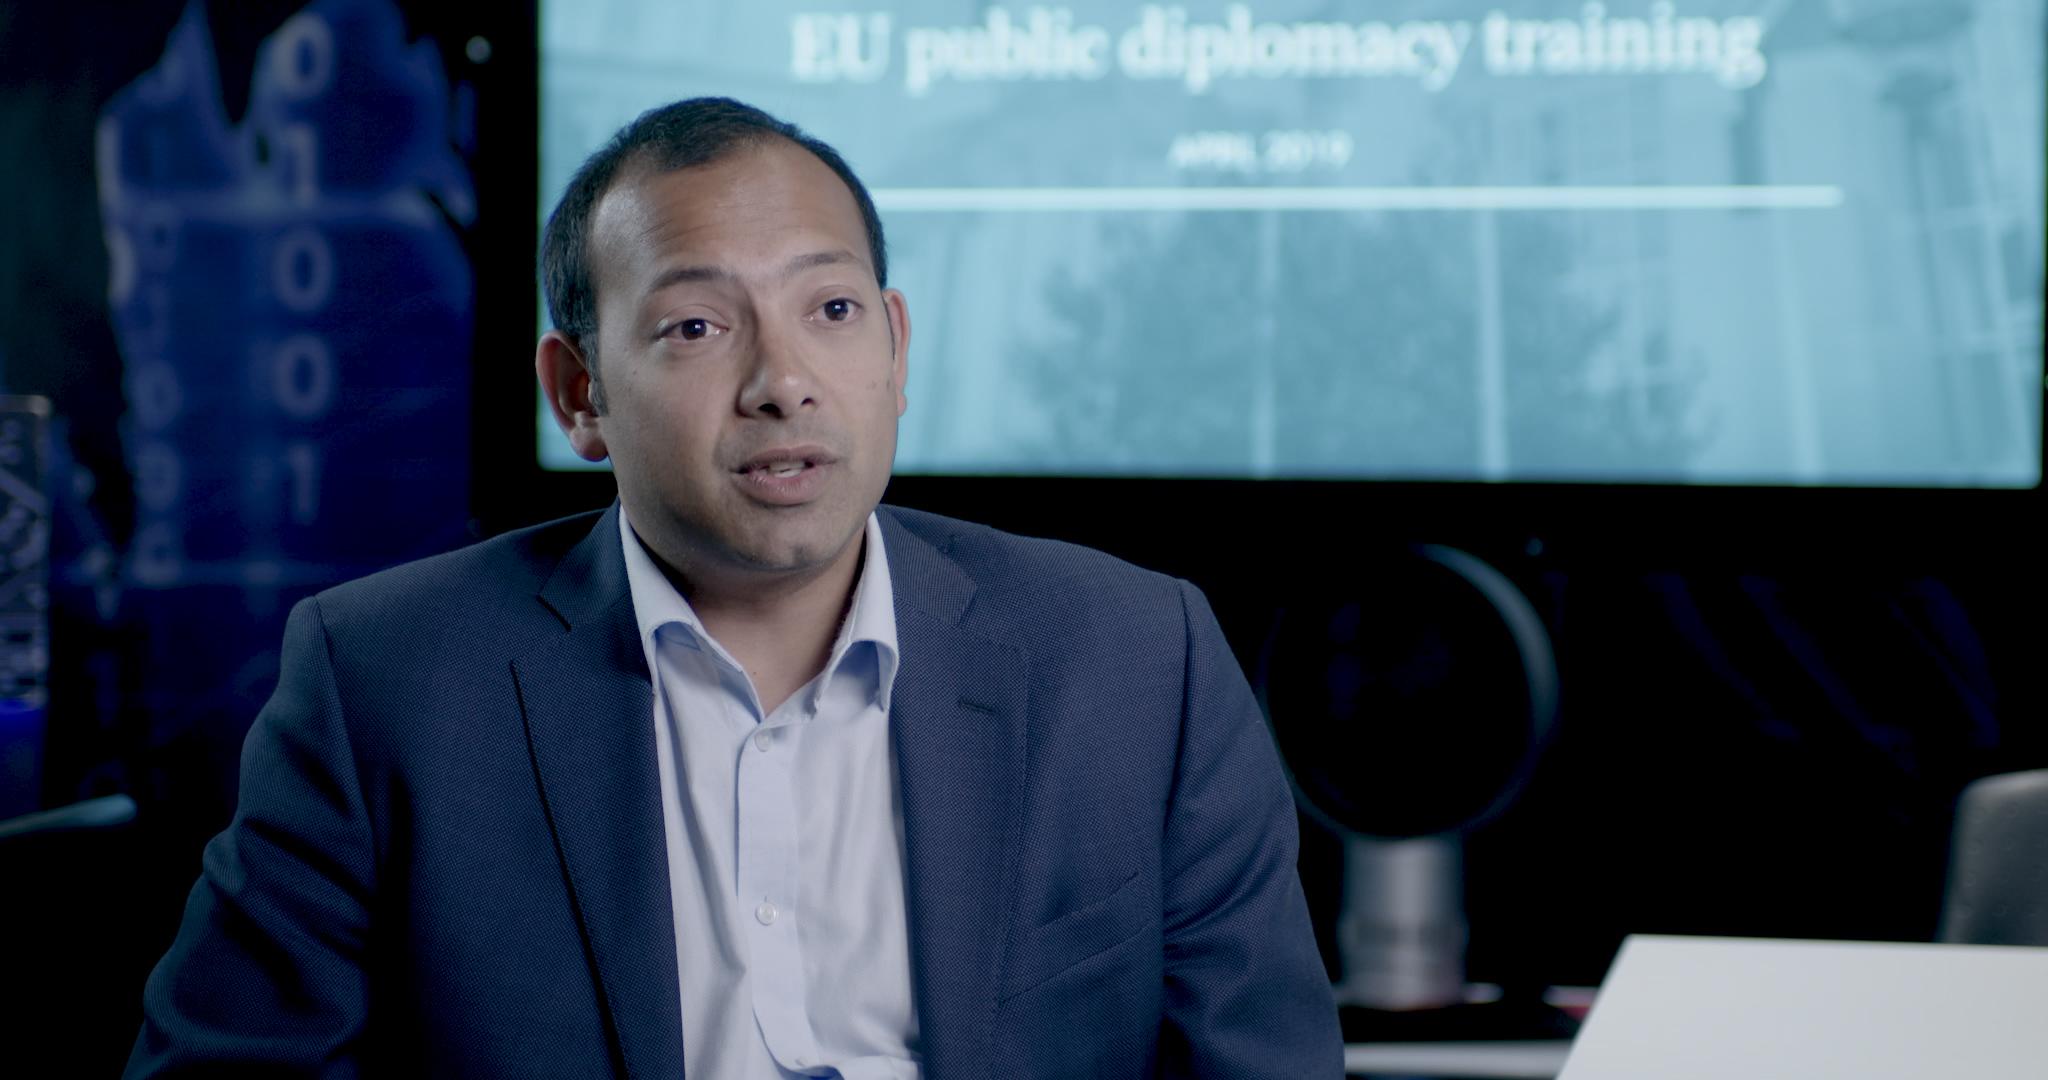 Inline - EU Policy Promo - Website